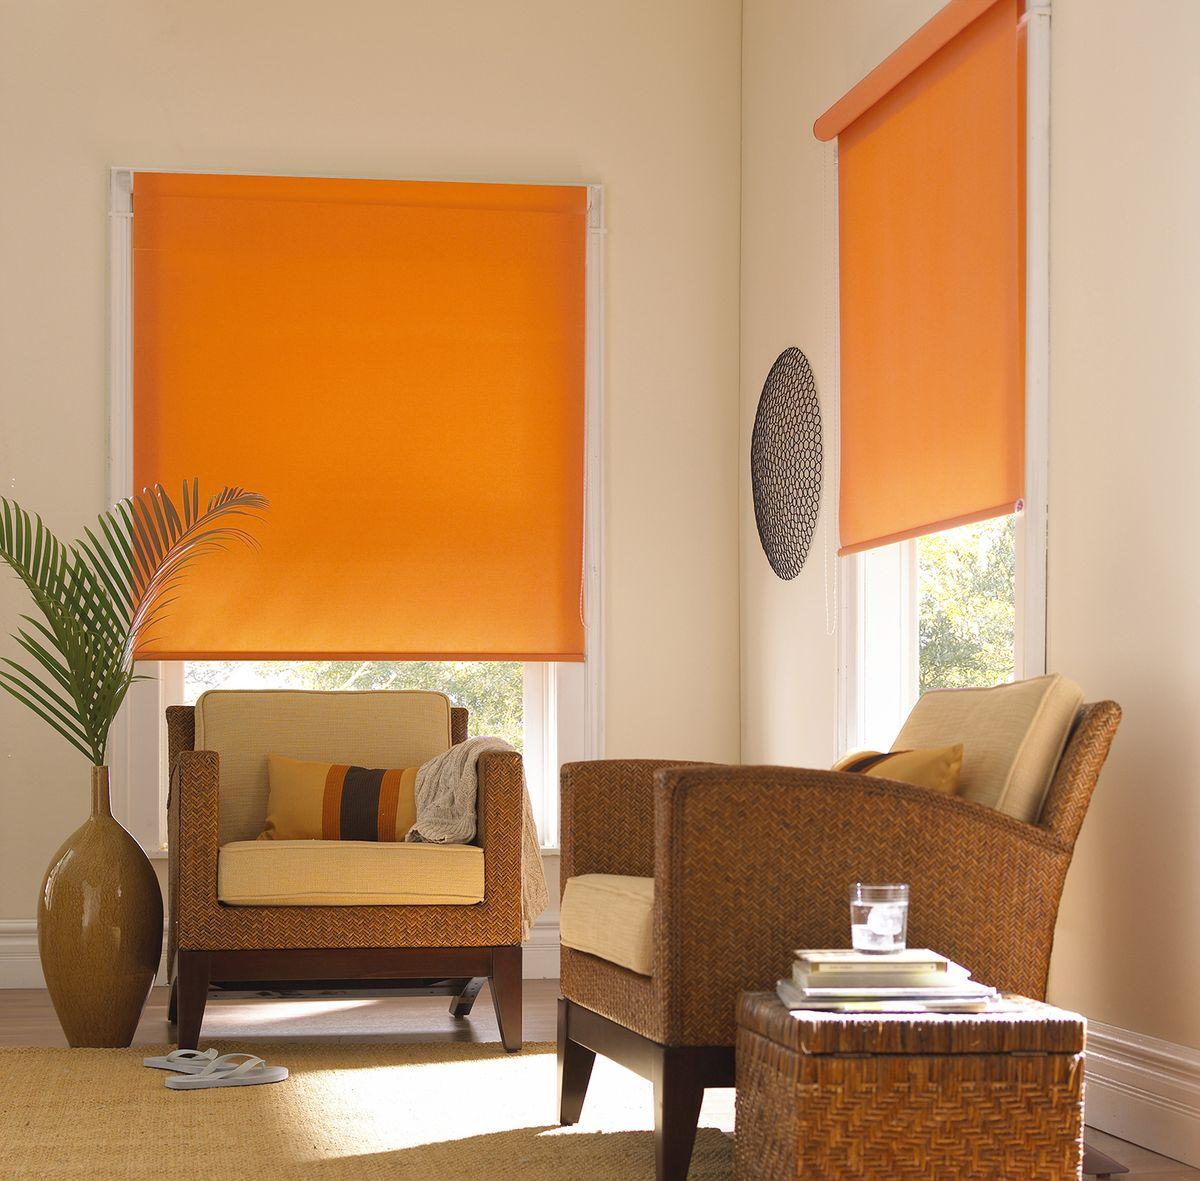 Штора рулонная Эскар Миниролло, цвет: апельсин, ширина 37 см, высота 170 см31203037170Рулонная штора Эскар Миниролло выполнена из высокопрочной ткани, которая сохраняет свой размер даже при намокании. Ткань не выцветает и обладает отличной цветоустойчивостью. Миниролло - это подвид рулонных штор, который закрывает не весь оконный проем, а непосредственно само стекло. Такие шторы крепятся на раму без сверления при помощи зажимов или клейкой двухсторонней ленты (в комплекте). Окно остается на гарантии, благодаря монтажу без сверления. Такая штора станет прекрасным элементом декора окна и гармонично впишется в интерьер любого помещения.